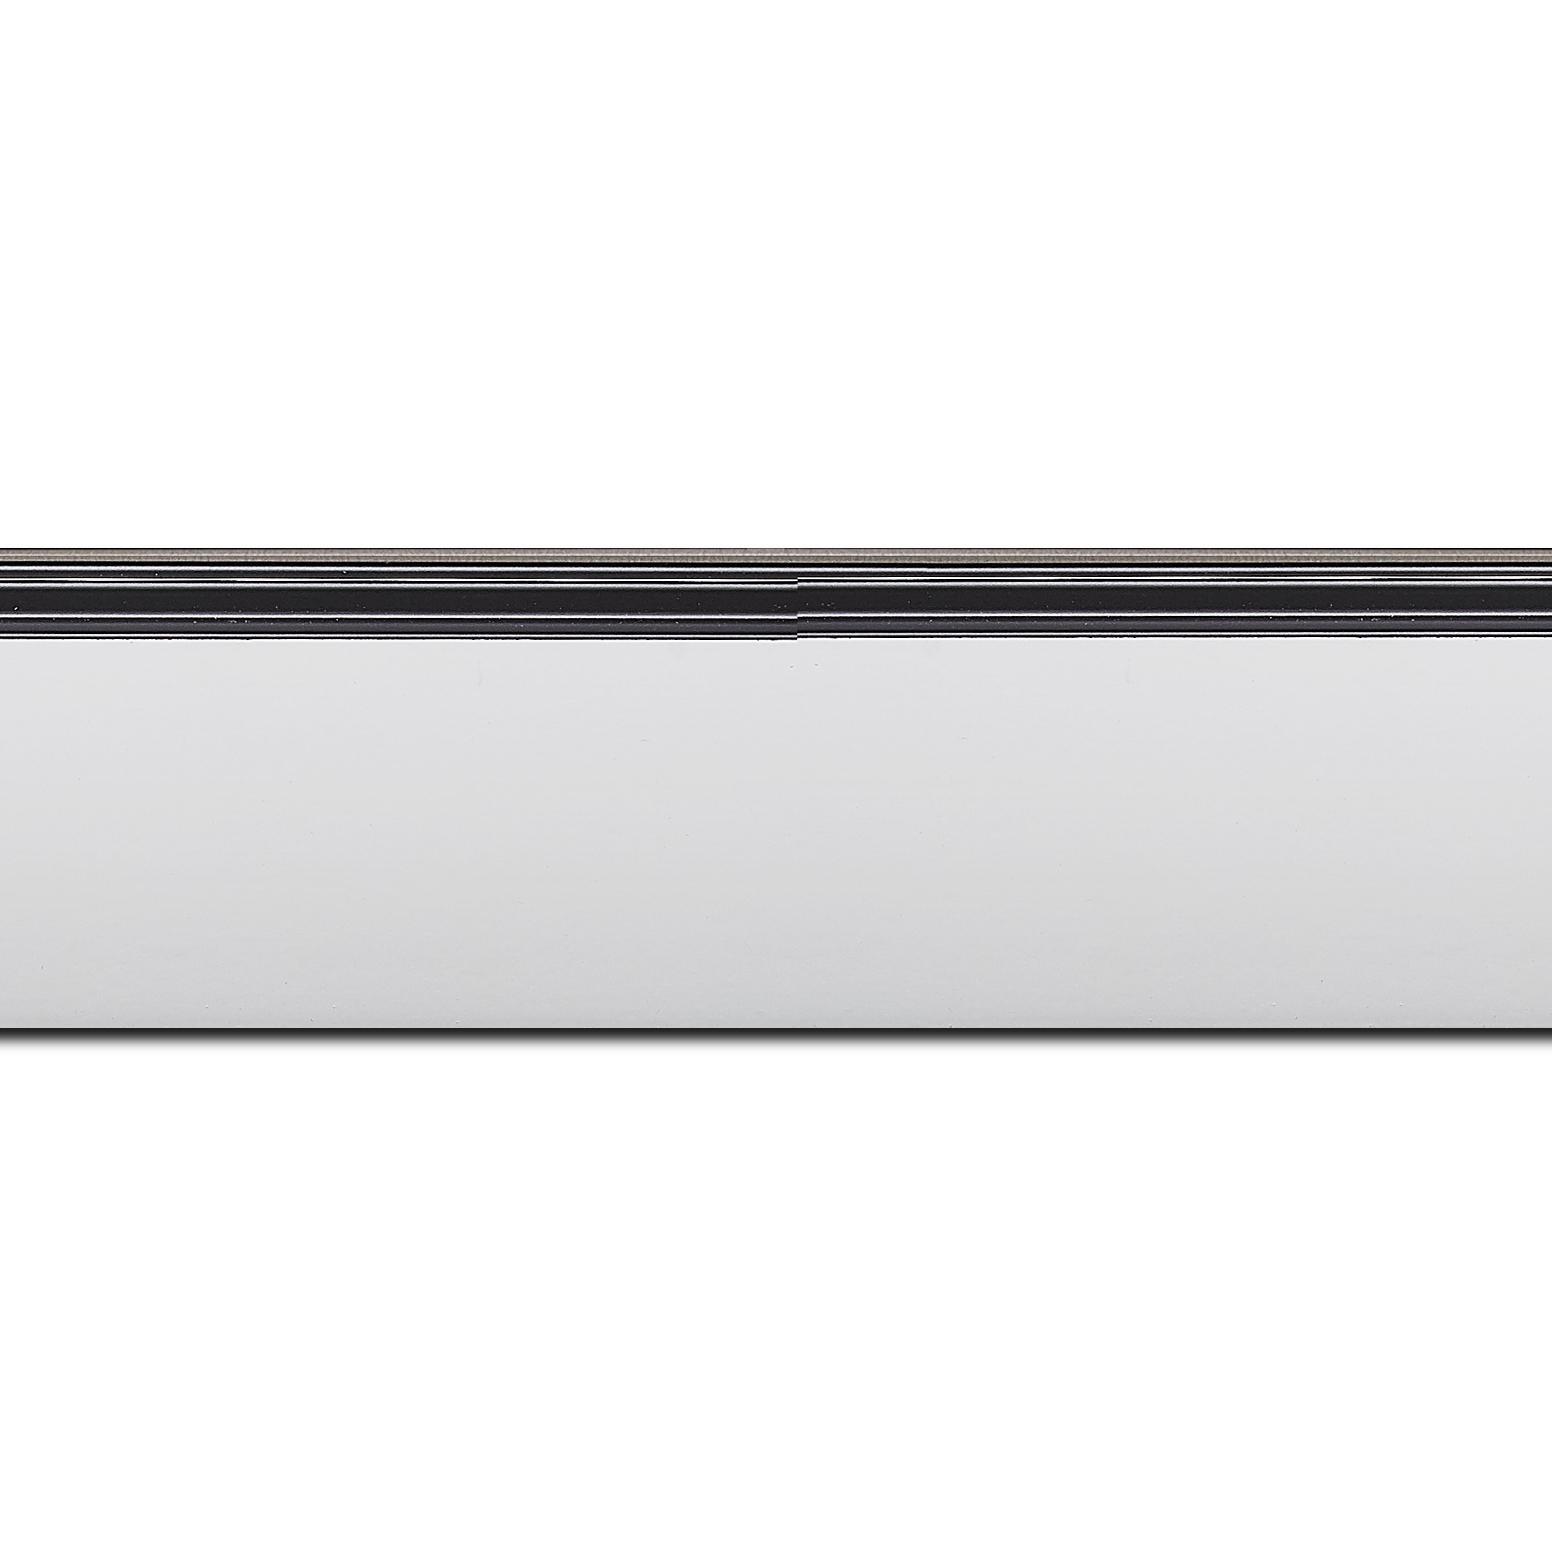 Baguette longueur 1.40m bois profil en pente méplat largeur 4.8cm couleur blanc mat surligné par une gorge extérieure noire : originalité et élégance assurée